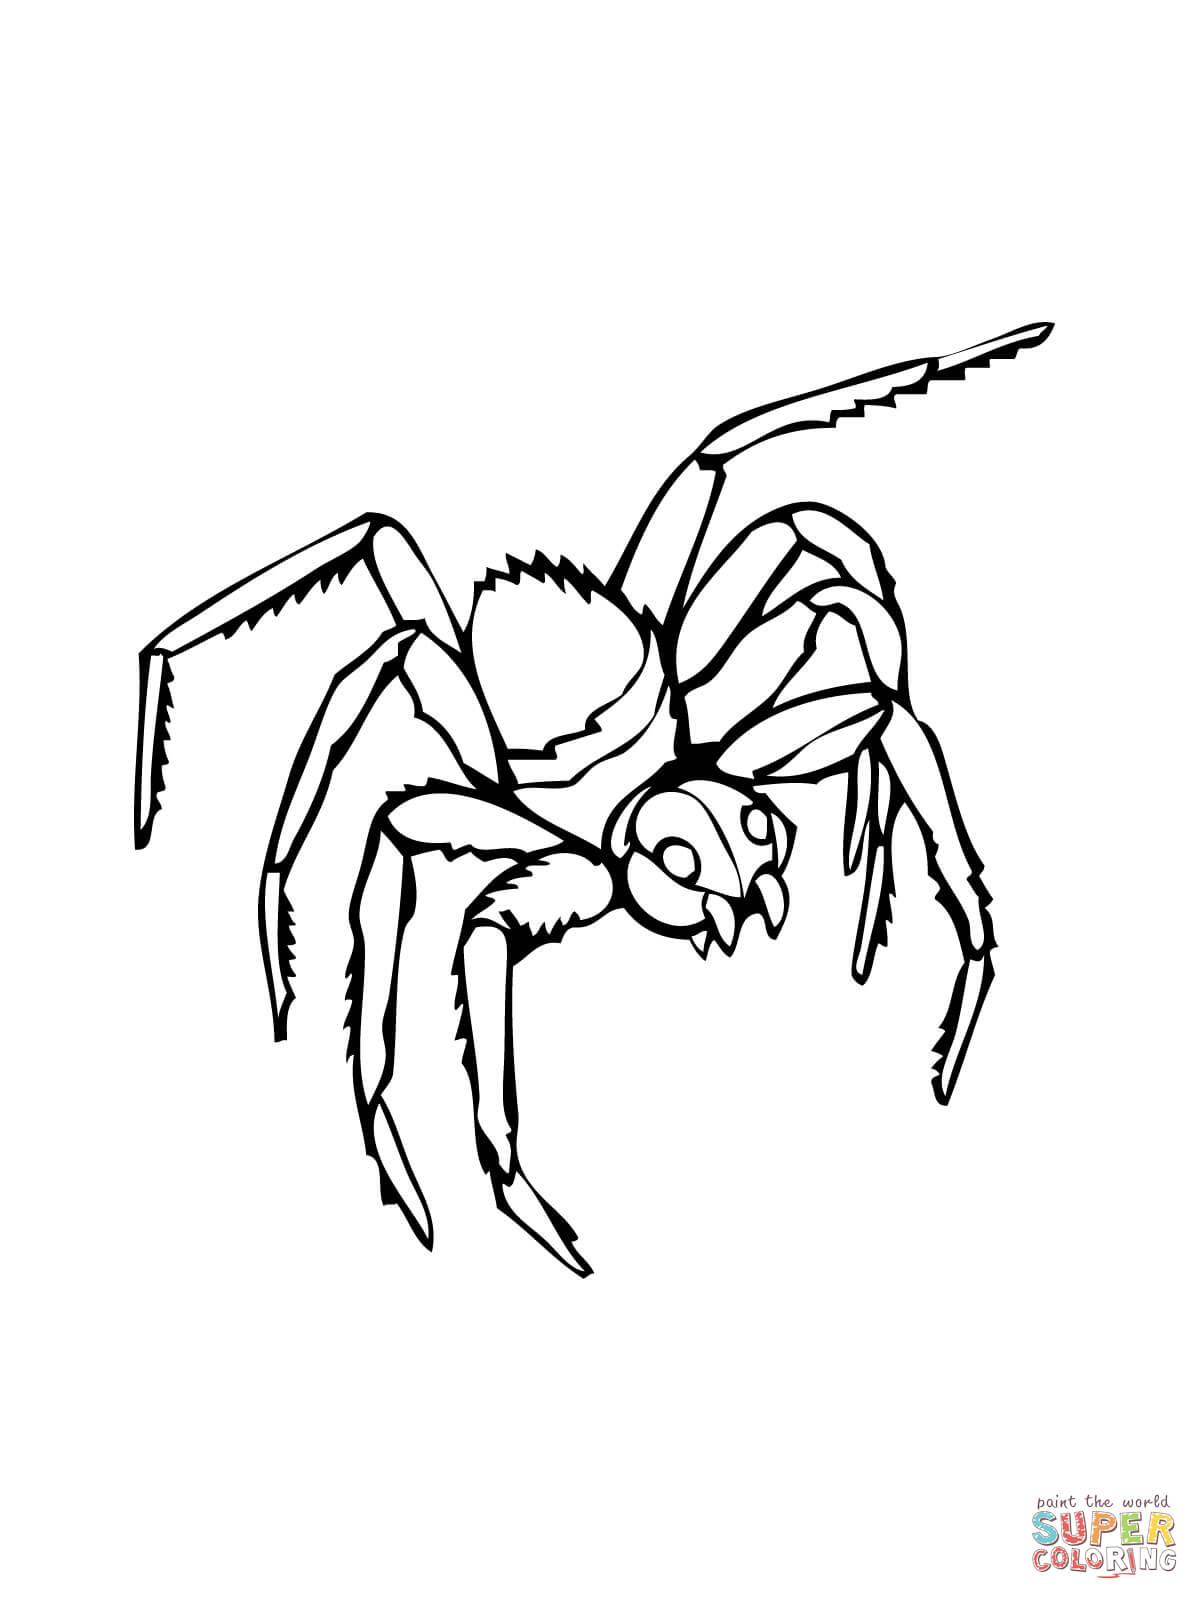 Coloriages à imprimer : Arachnides, numéro : 21f88f21